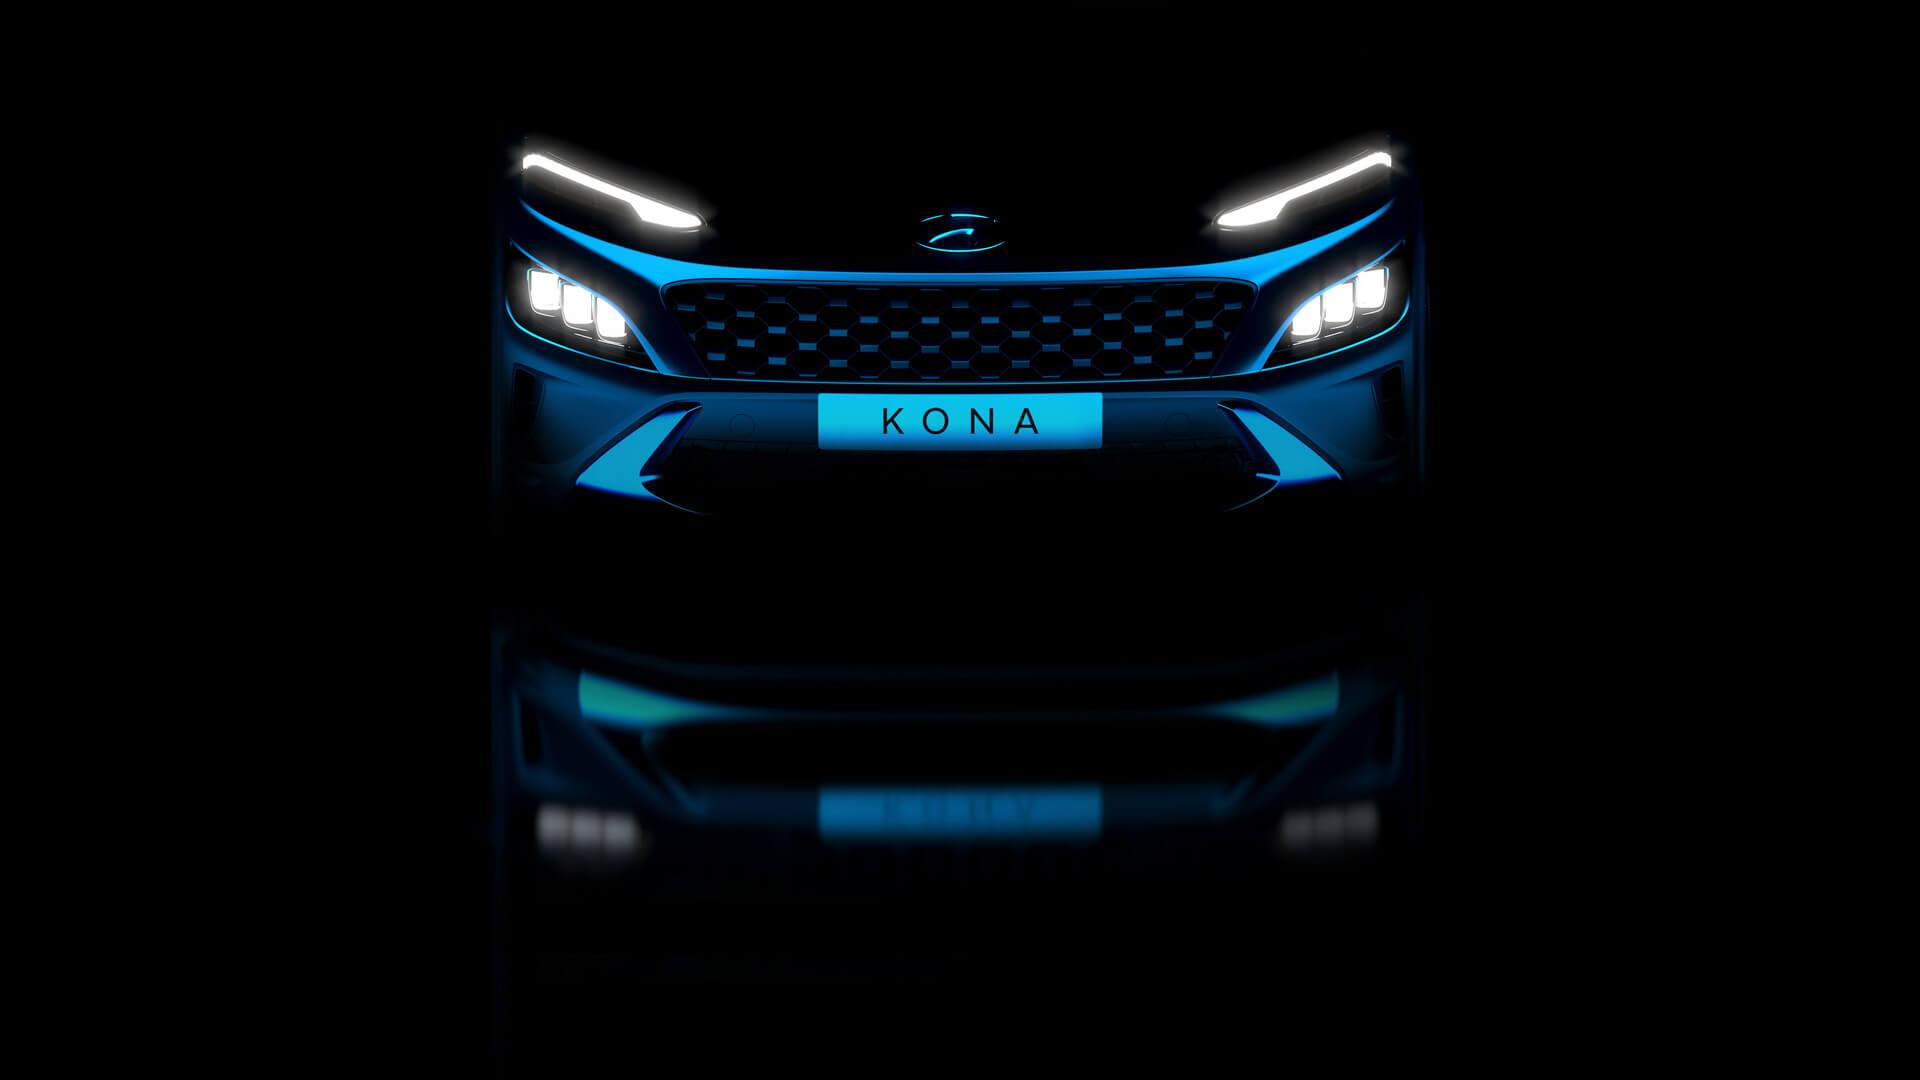 Новый Hyundai Kona N Line получил более аэродинамический дизайн